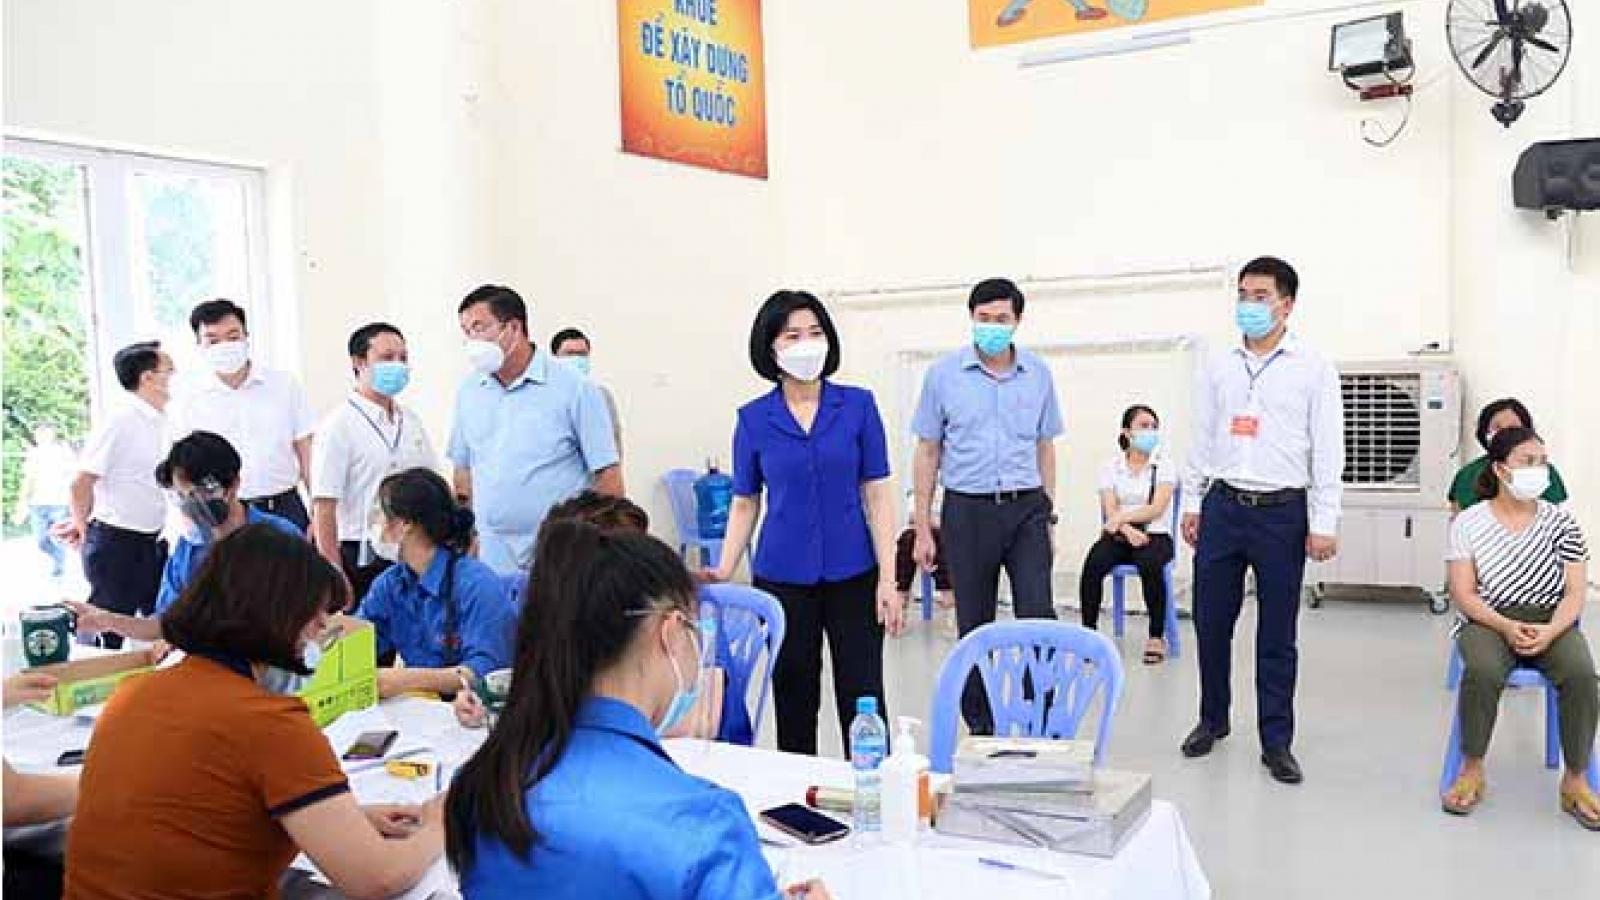 Lãnh đạo HĐND Hà Nộikiểm tra phòng, chống dịch tại huyện Ứng Hòa và quận Hoàng Mai